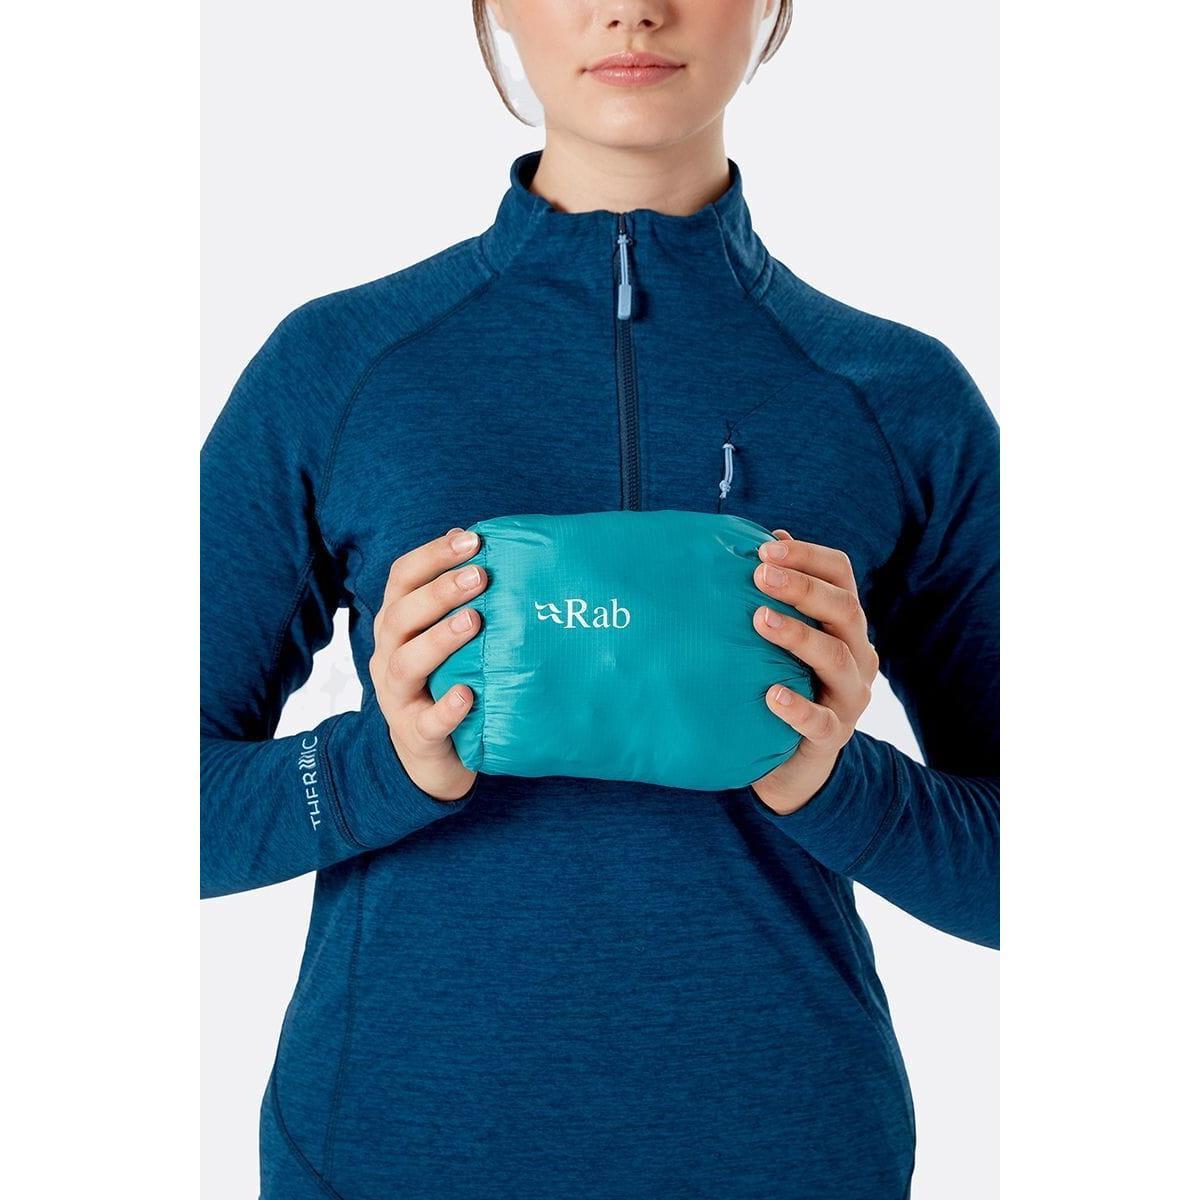 Rab Women's Microlight Vest - Steel